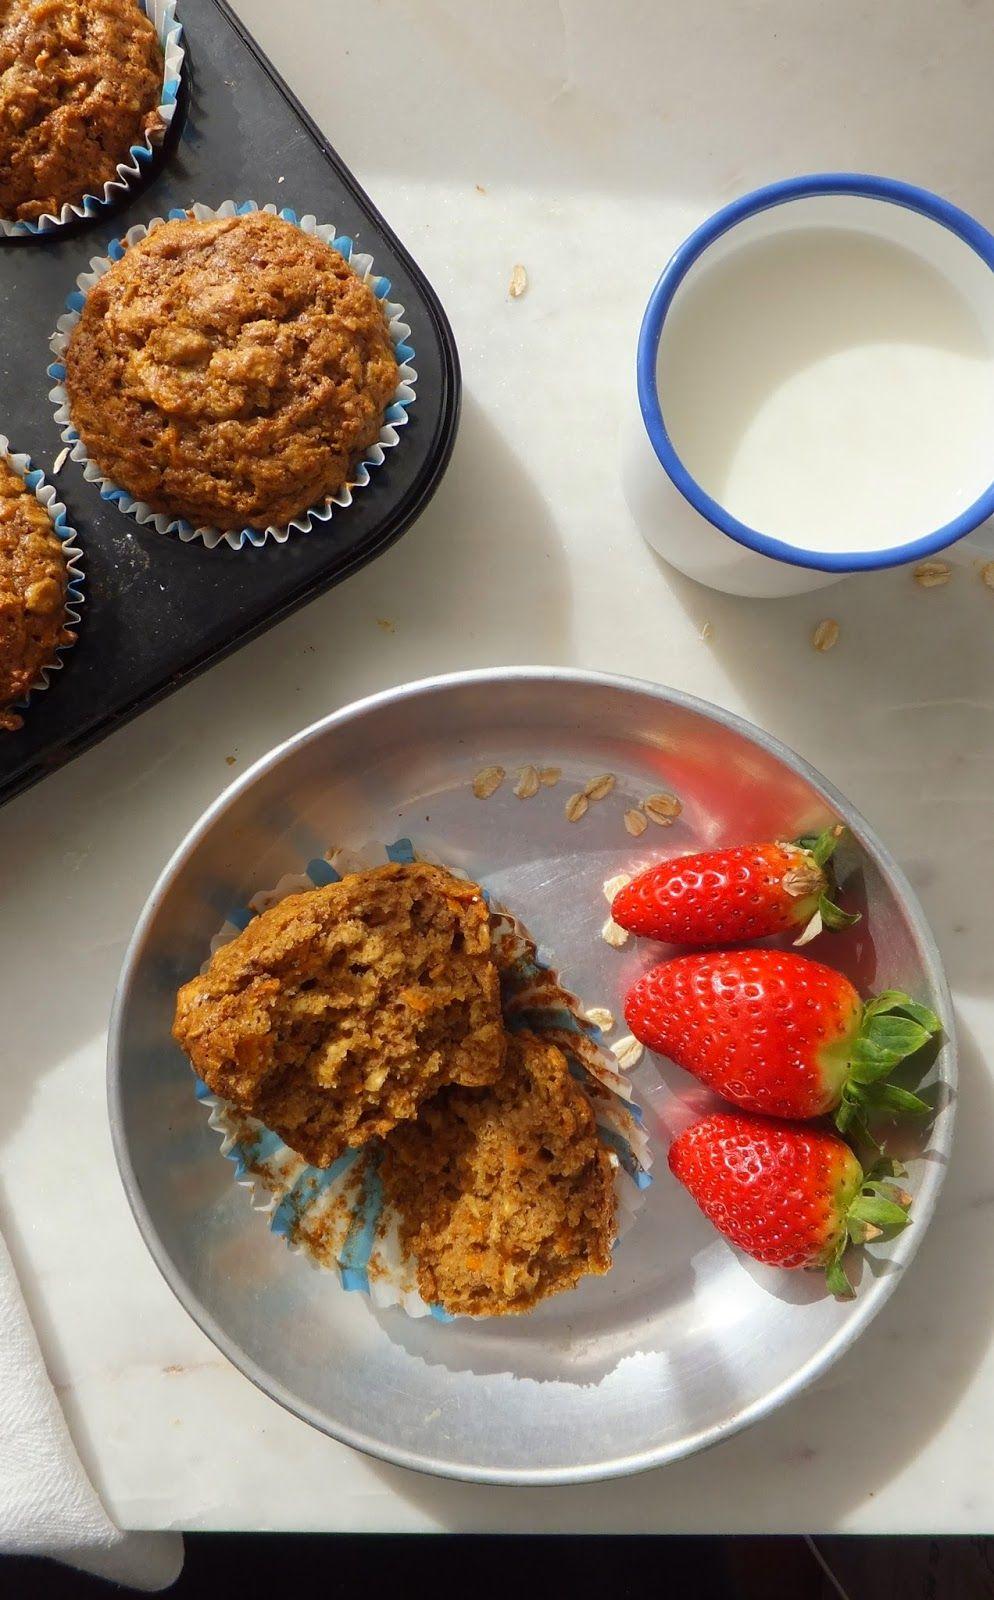 El restaurante del fin del mundo: Reto recetas sanas: Muffins integrales de avena y zanahoria para el desayuno